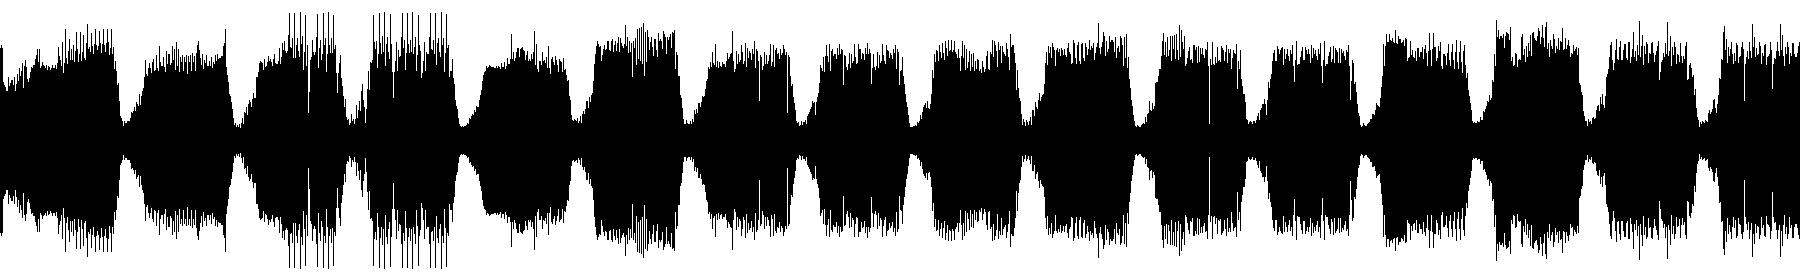 ne loopkit 125 06 c